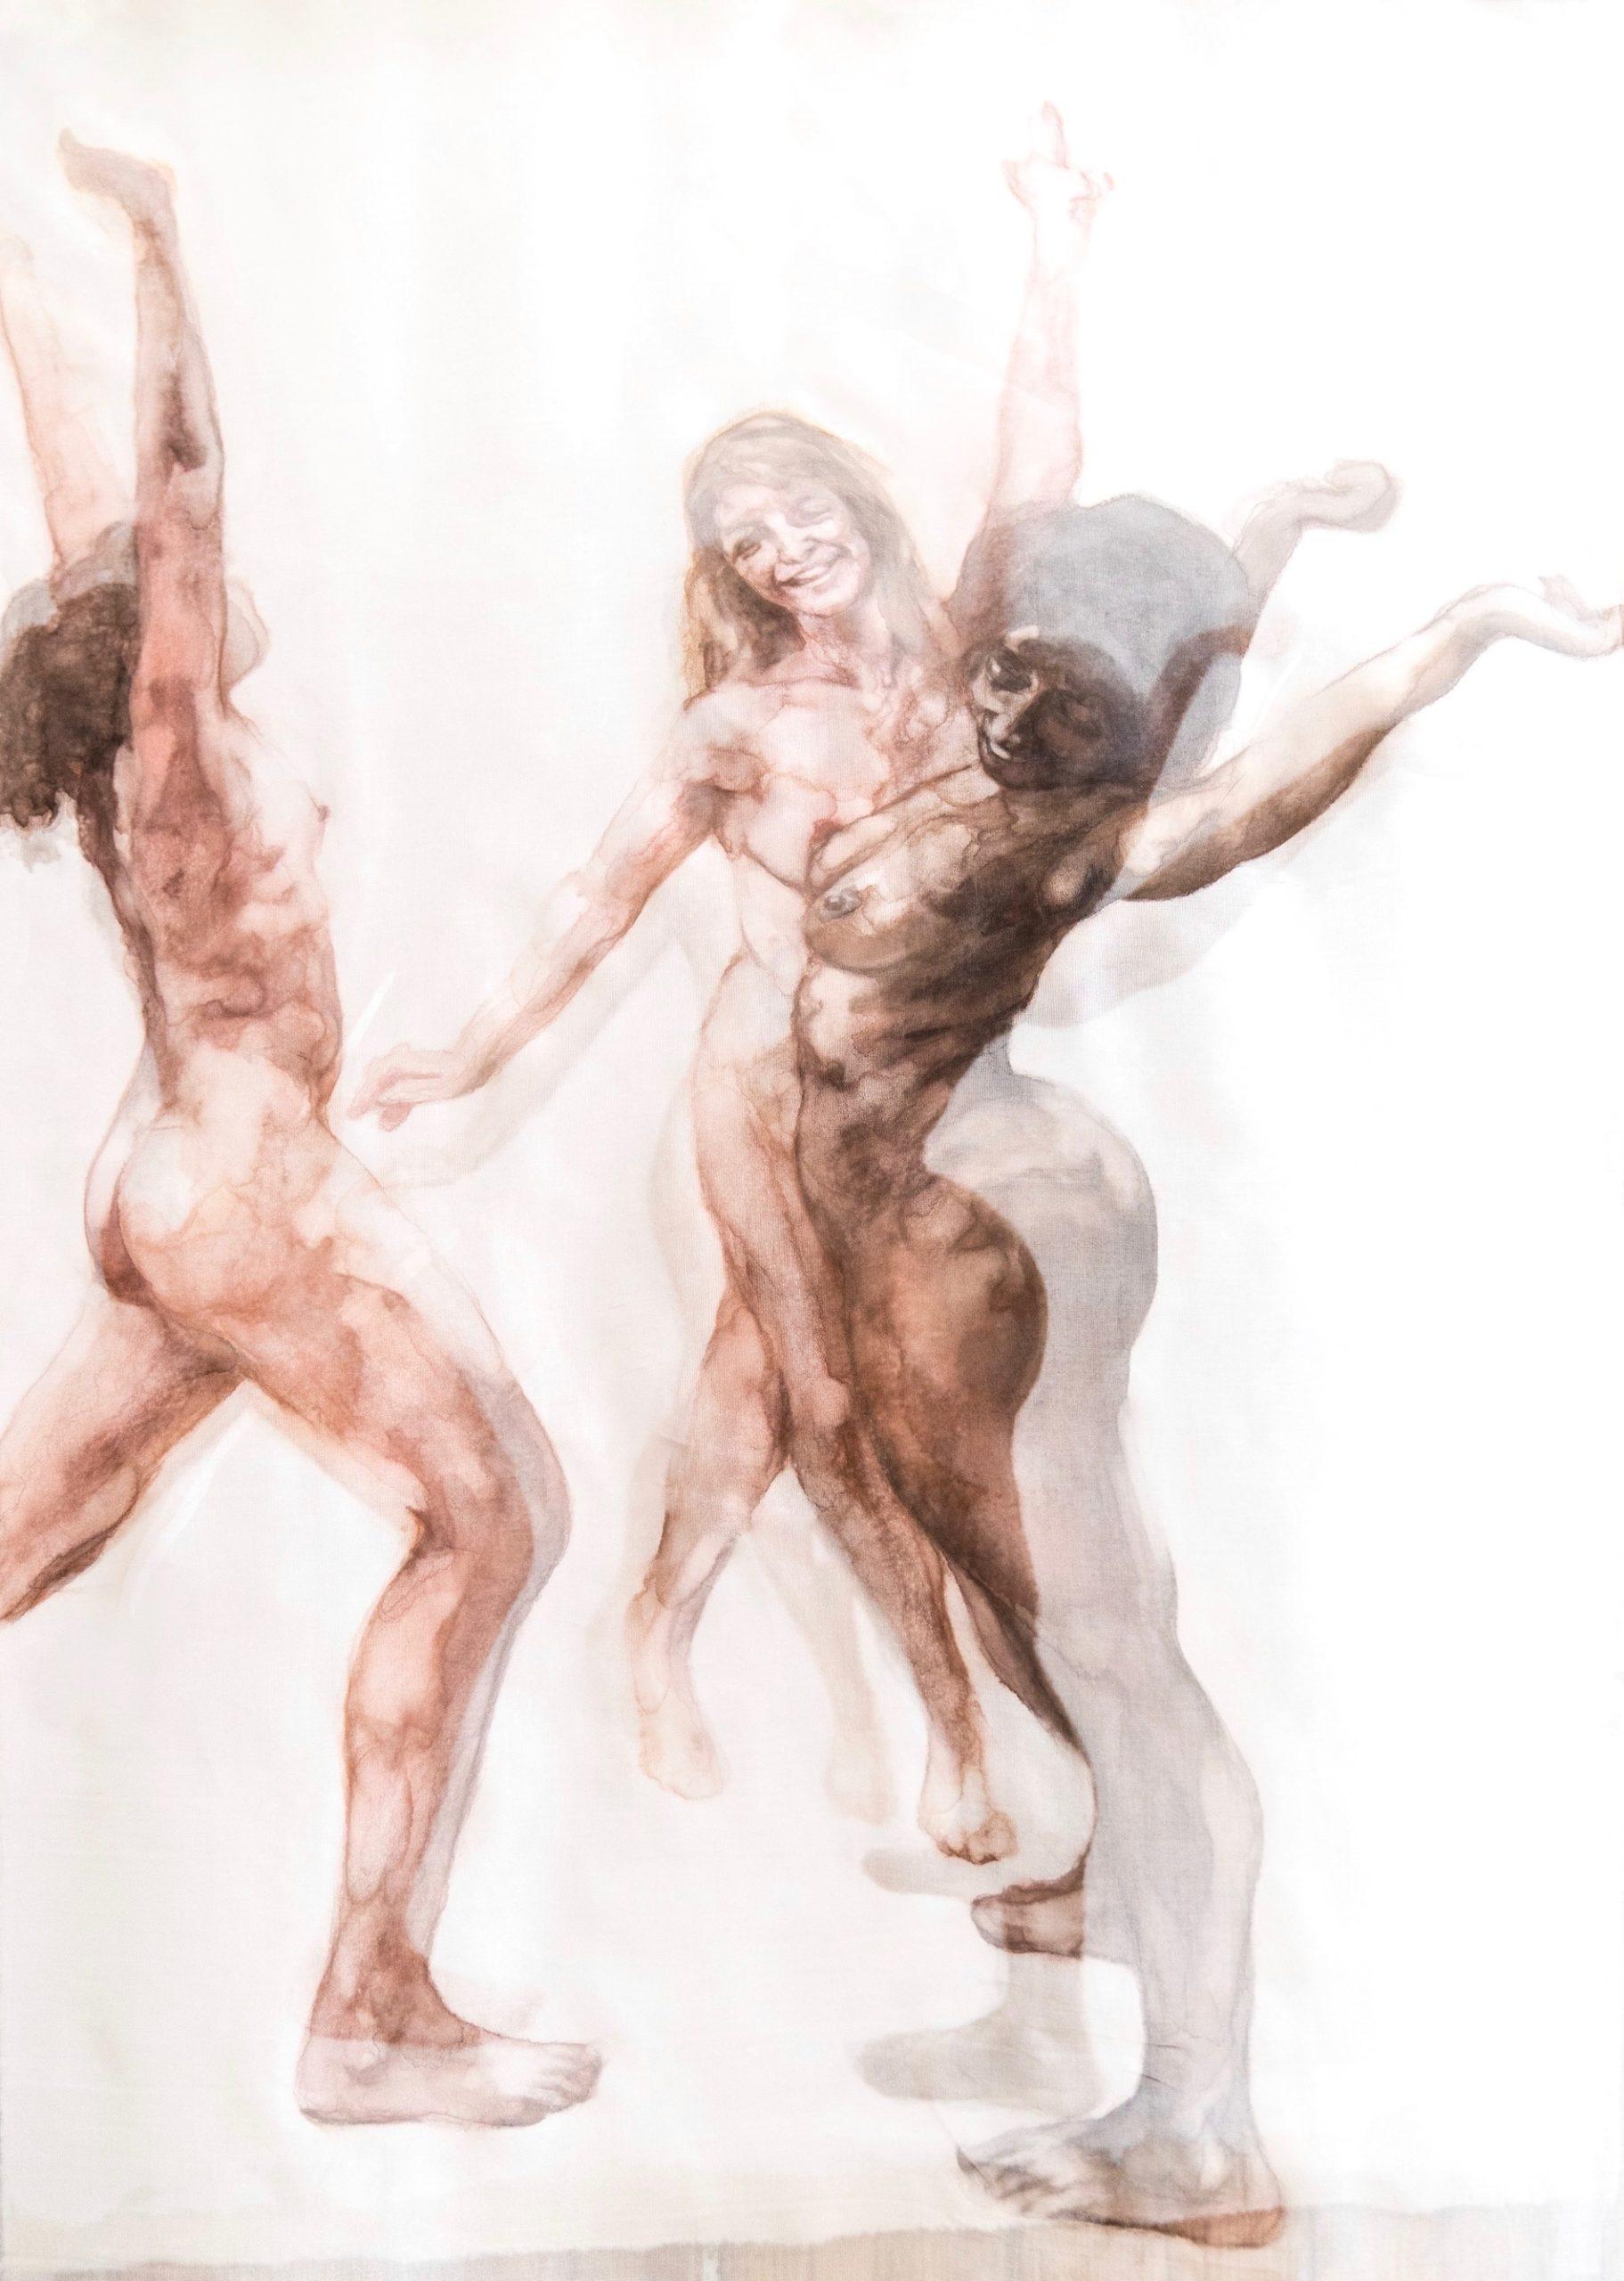 trois femmes nues qui dansent